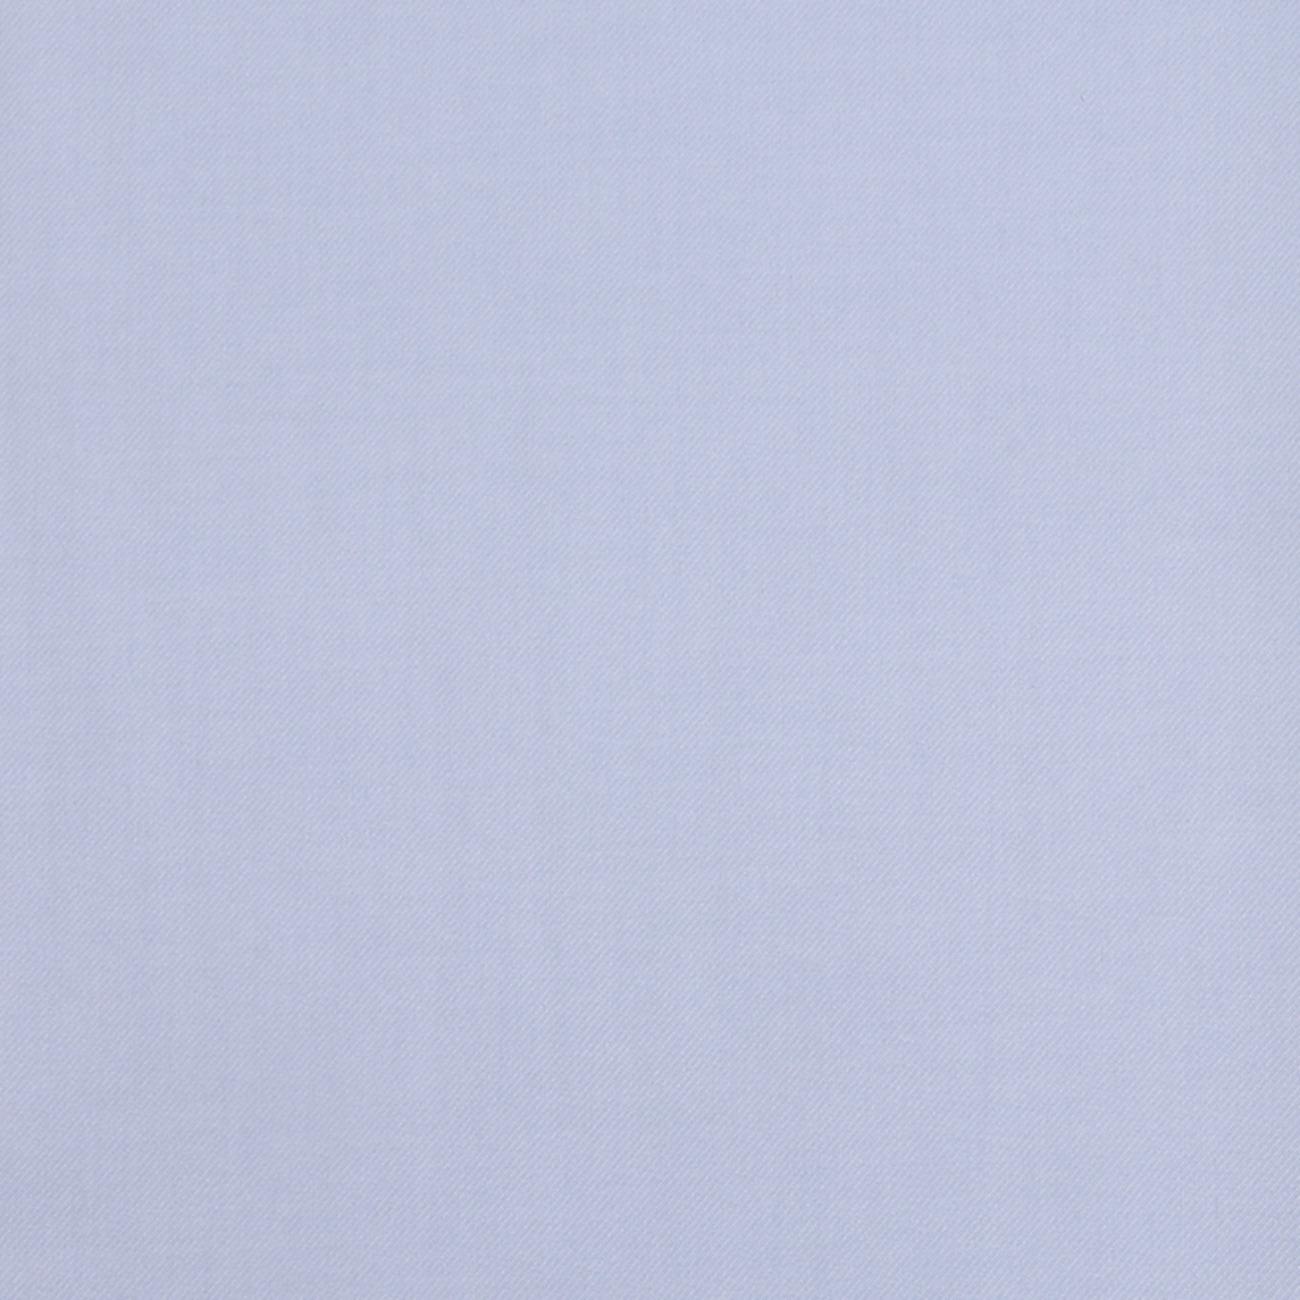 期货 素色斜纹无弹外套风衣 春夏秋 连衣裙 衬衣 61219-71